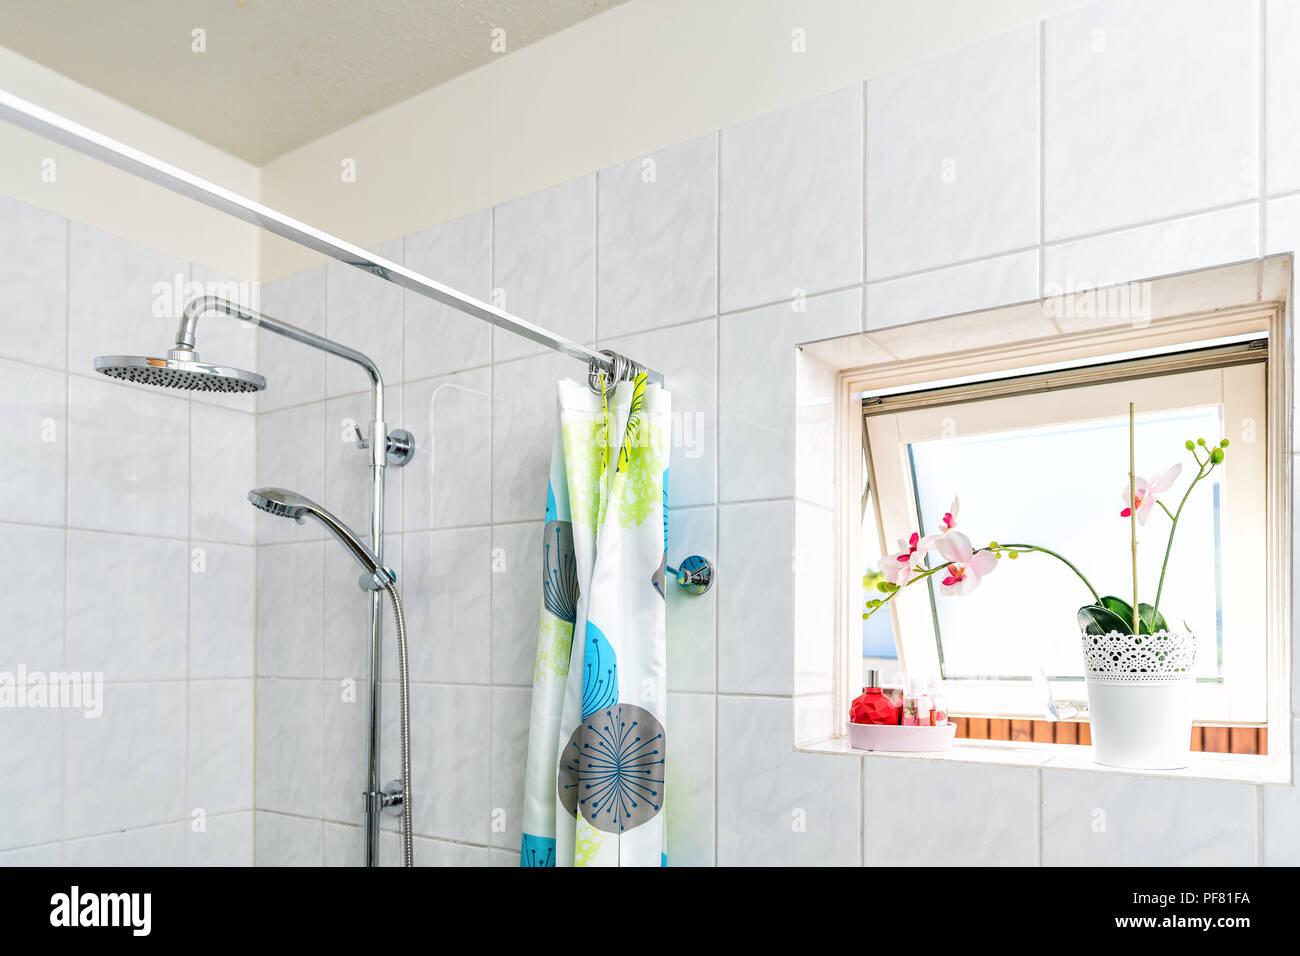 Moderne Fliesen, Badezimmer, Dusche, Köpfe, Spannstange mit ...